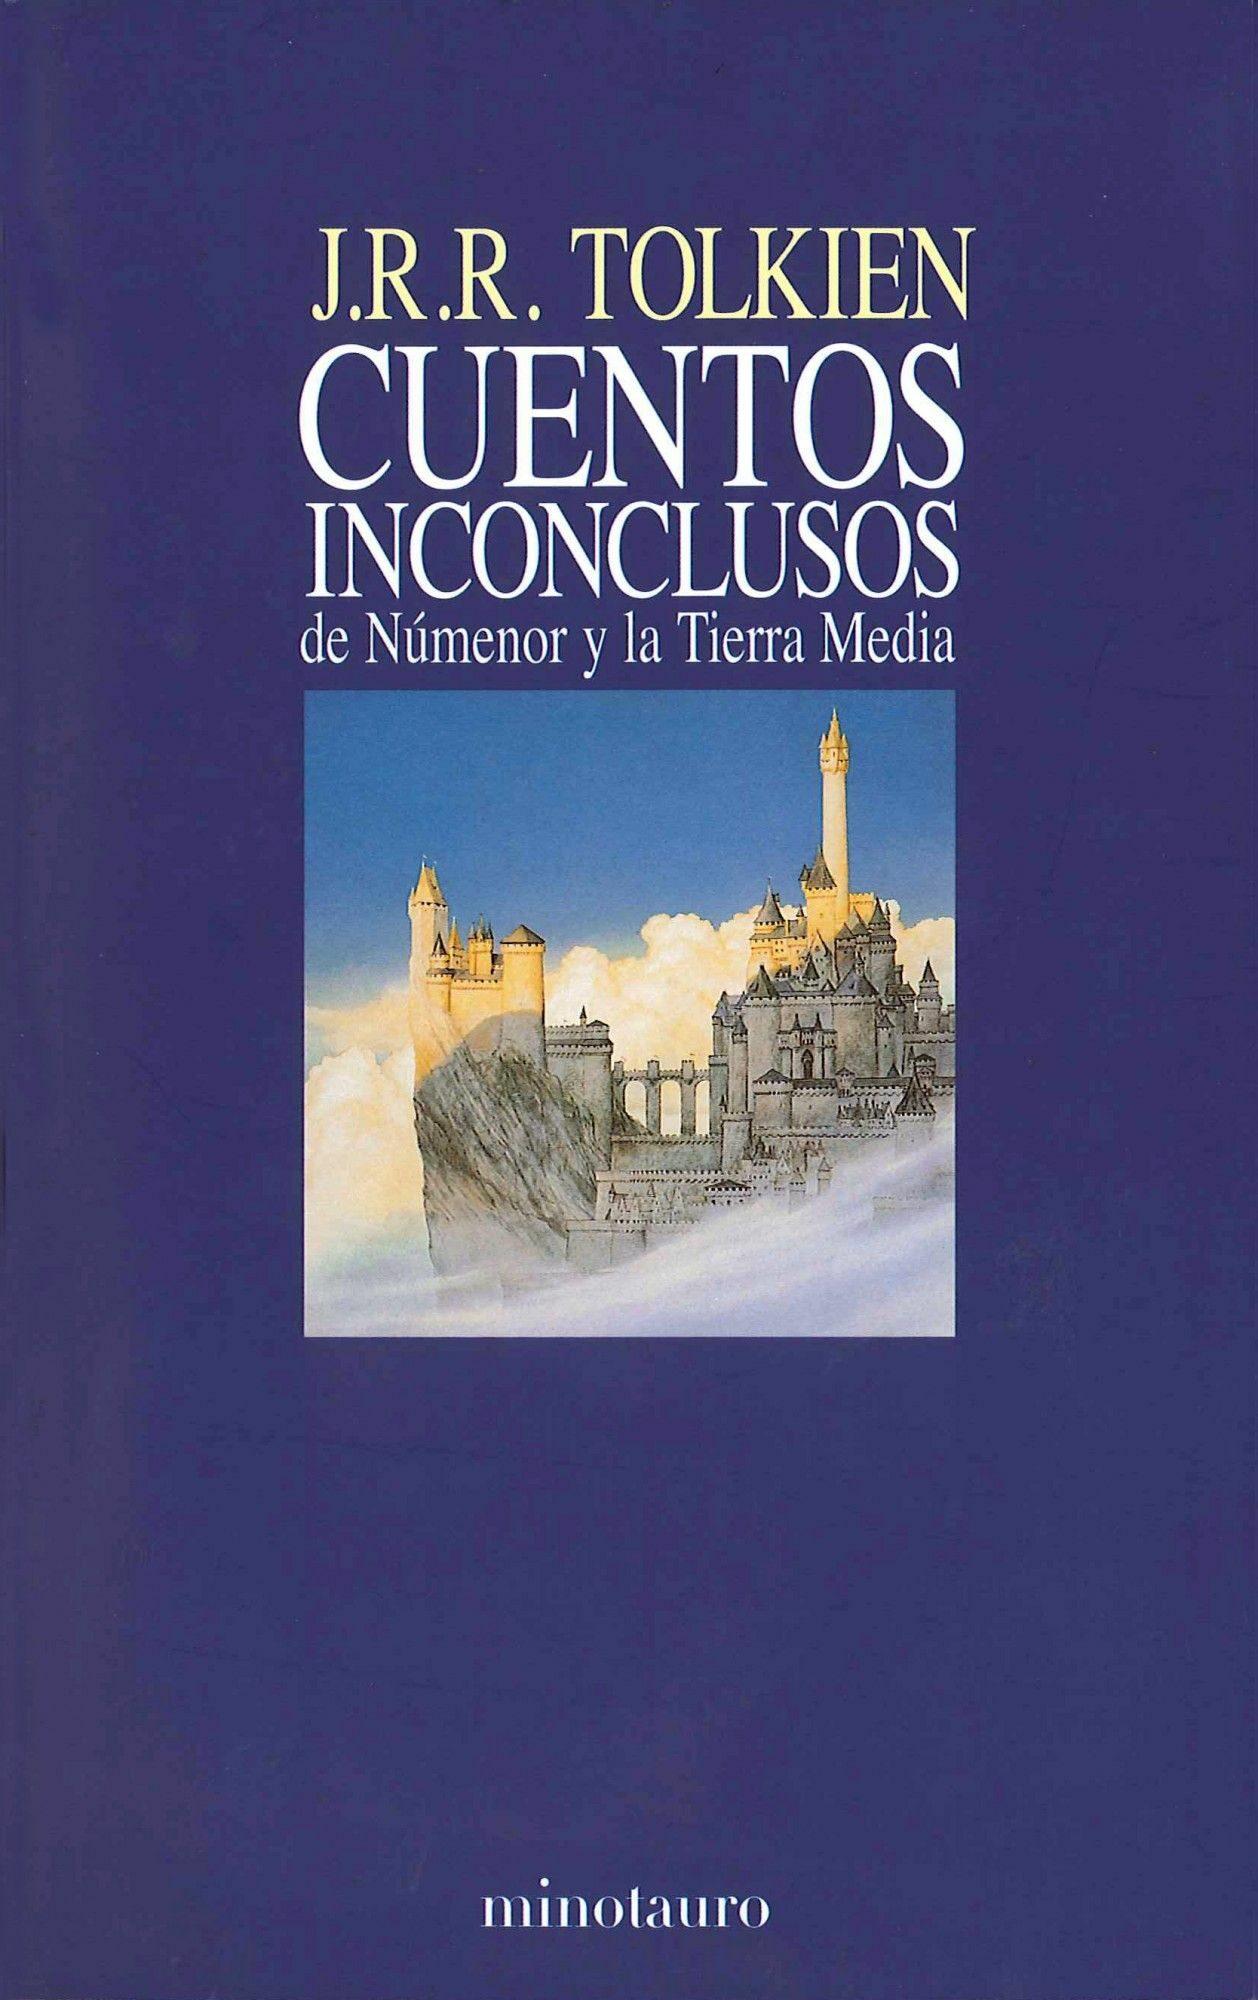 Cuentos Inconclusos De Numenor Y La Tierra Media por J.r.r. Tolkien